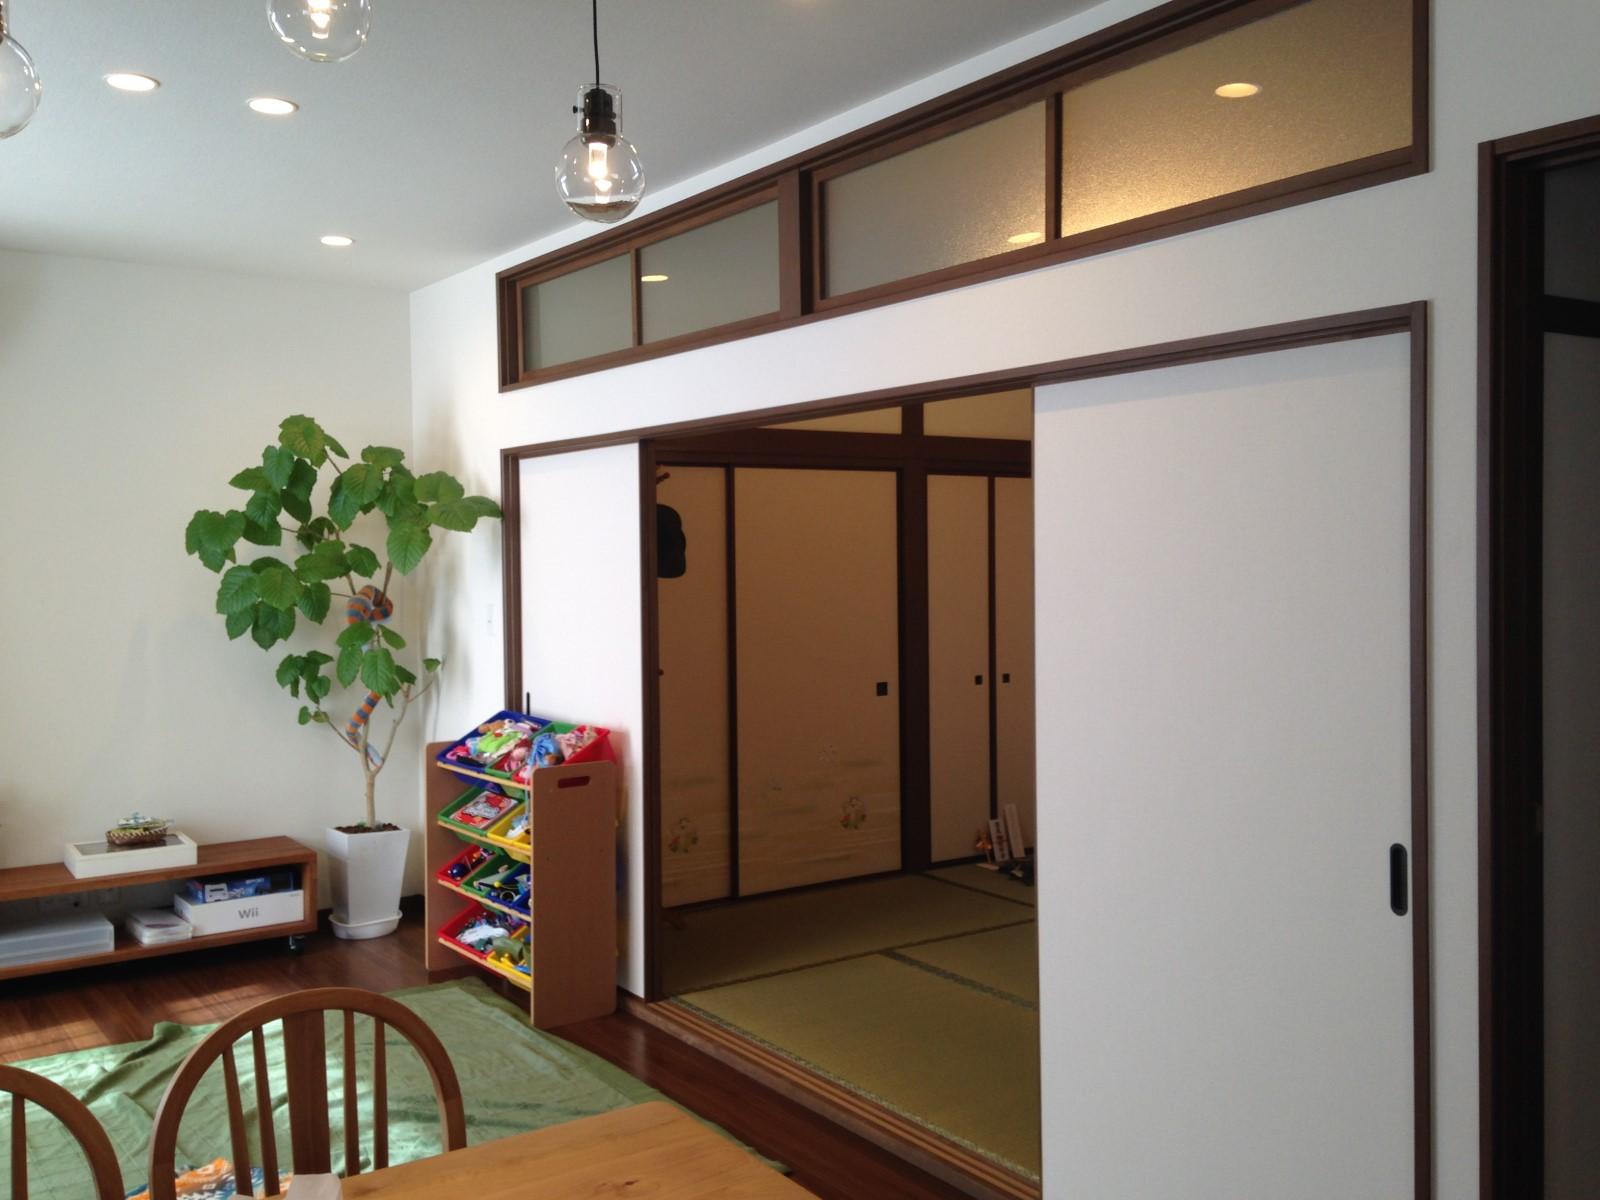 中古住宅のリノベーションーAfter